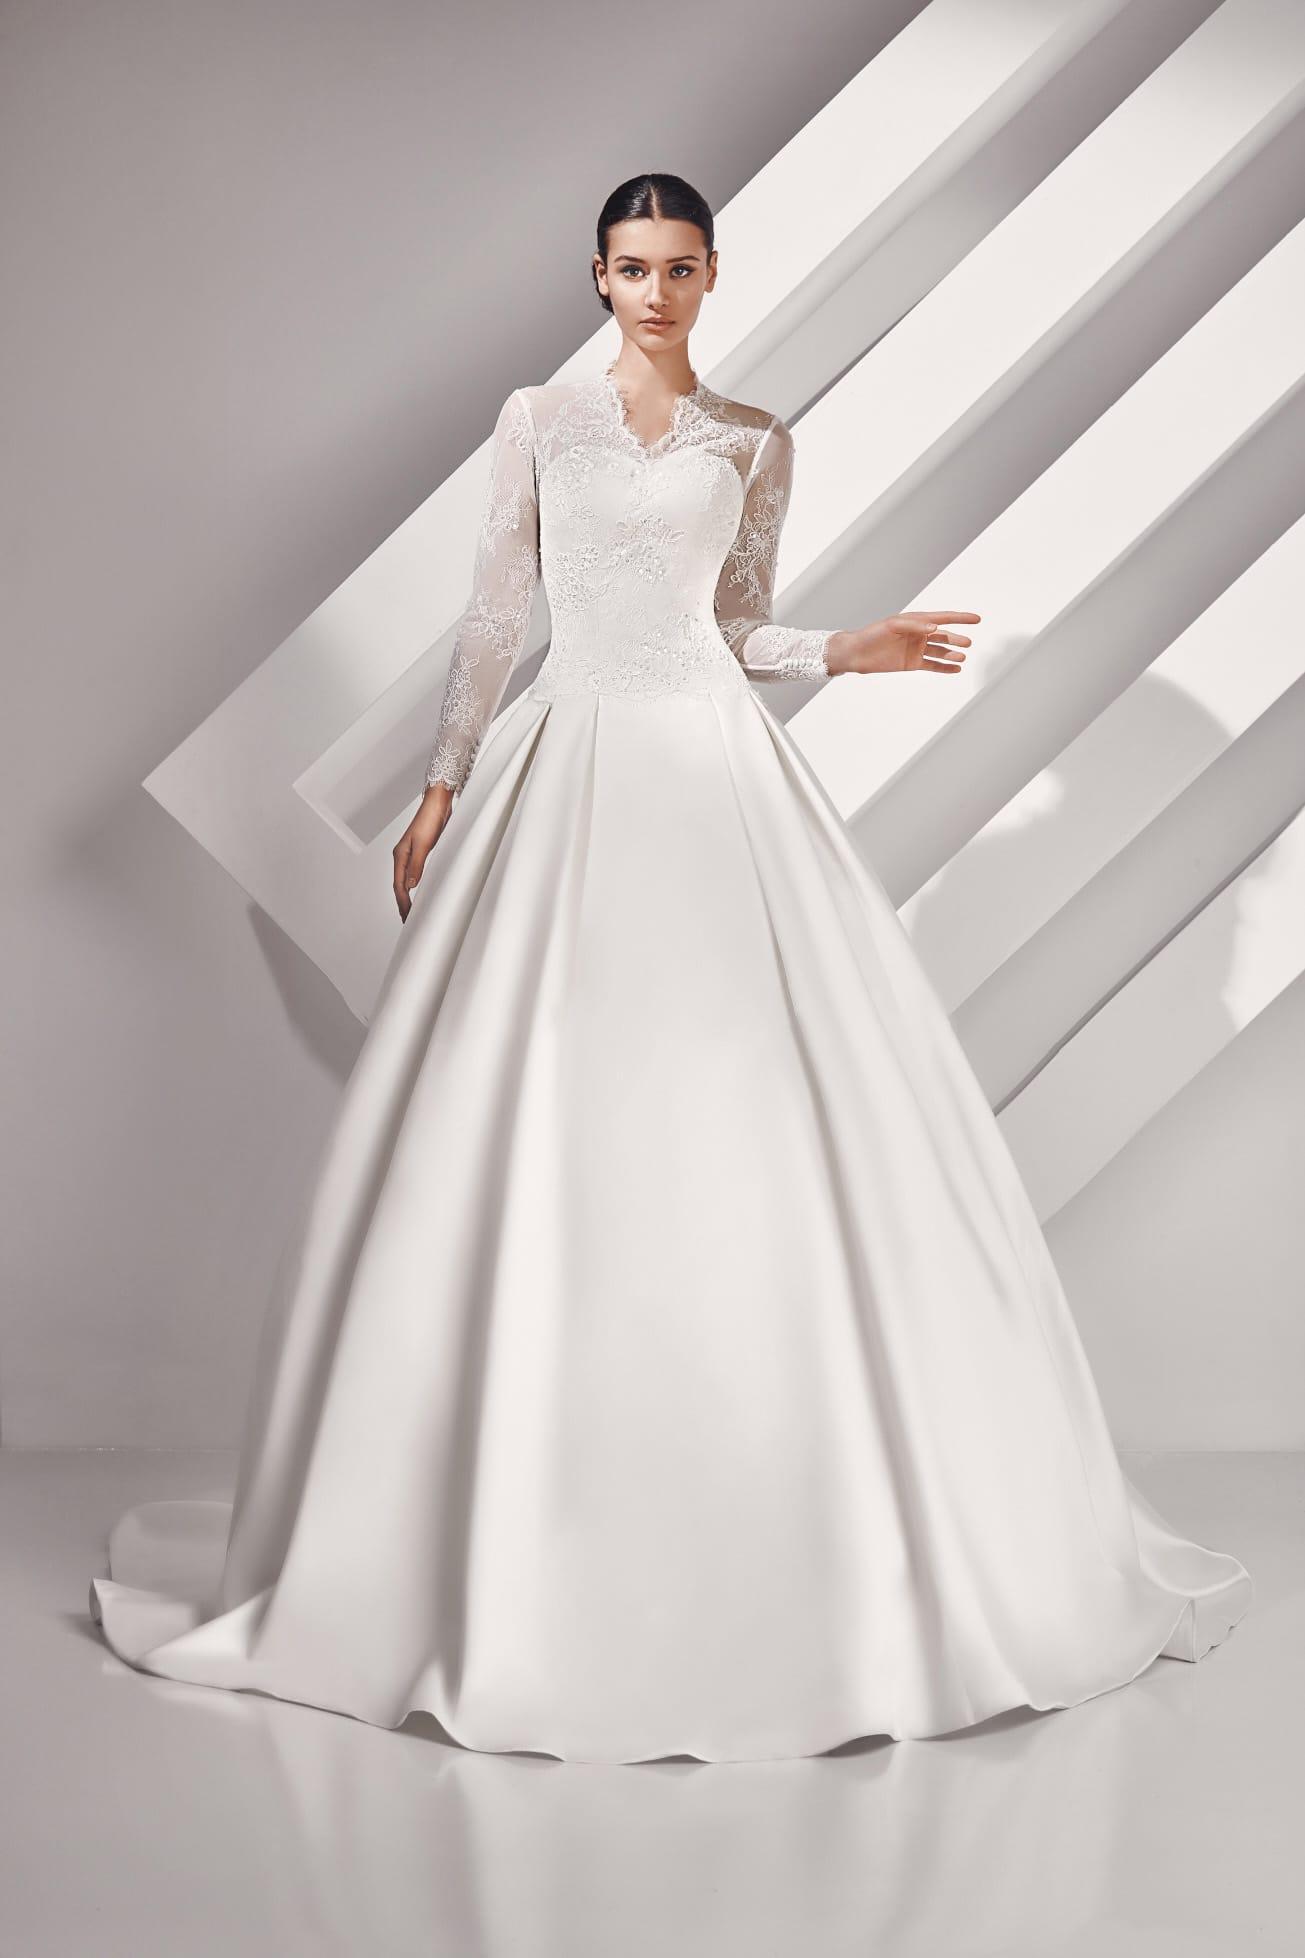 26173b33da1 Пышное свадебное платье с атласным подолом и длинными кружевными рукавами.